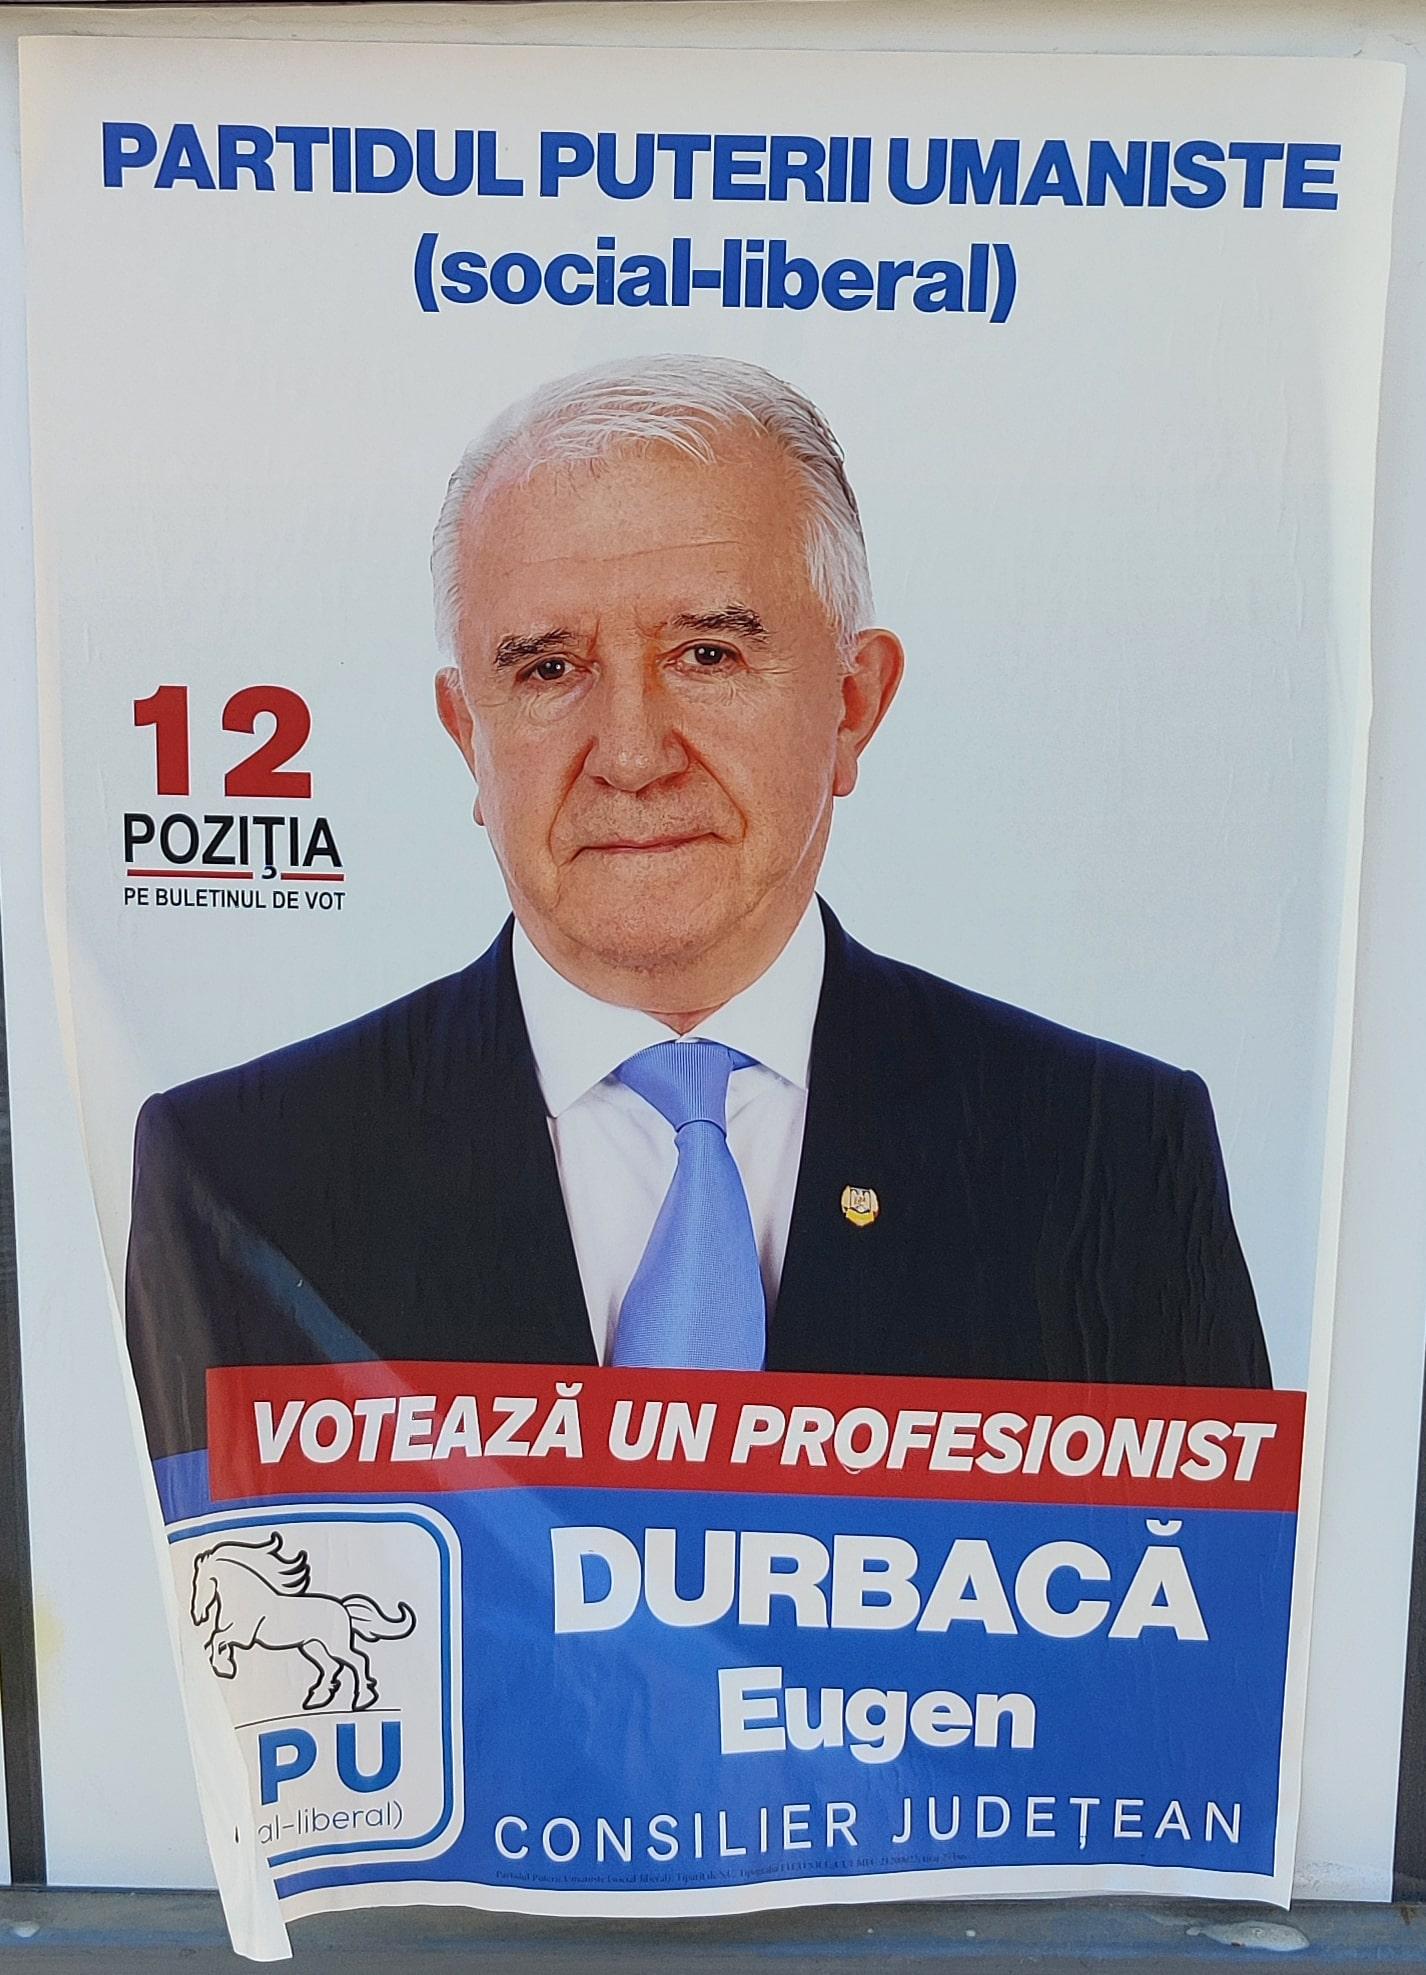 Durbacă Eugen - PPU - Candidat Consiliul Județean